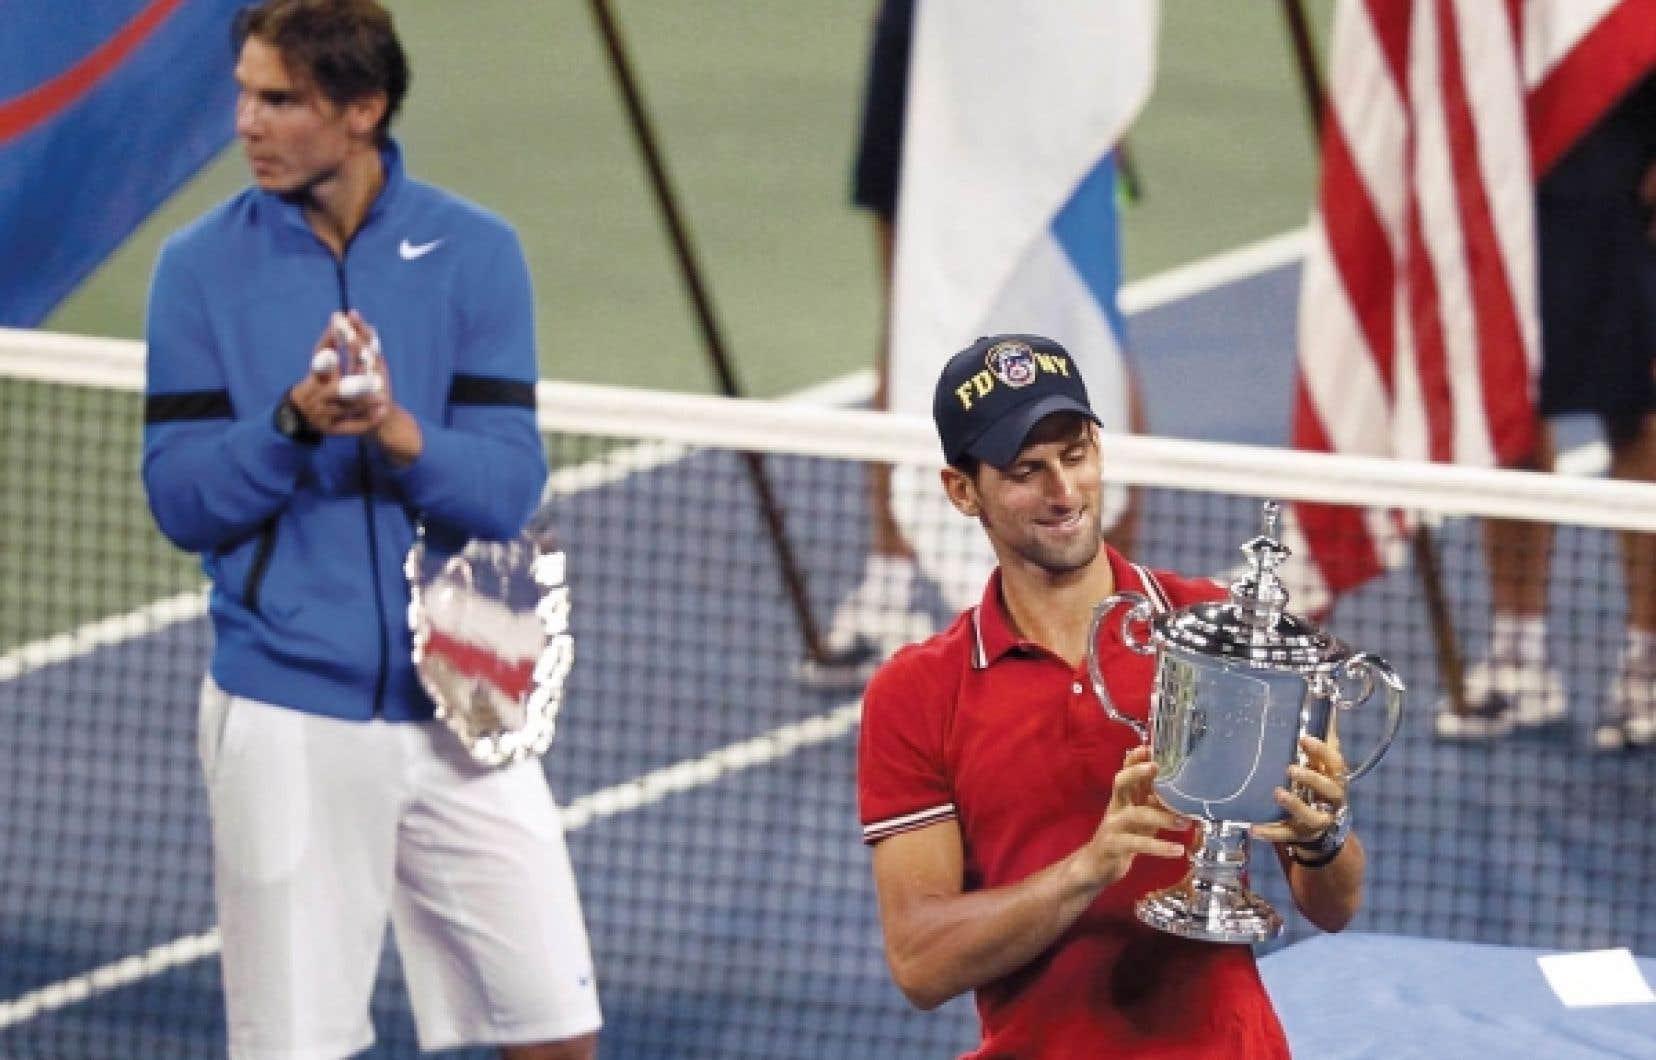 Le no 1 mondial, Novak Djokovic, a remporté son troisième titre du Grand Chelem de la saison en battant hier en finale de l'US Open Rafael Nadal (no 2), qui était tenant du titre.